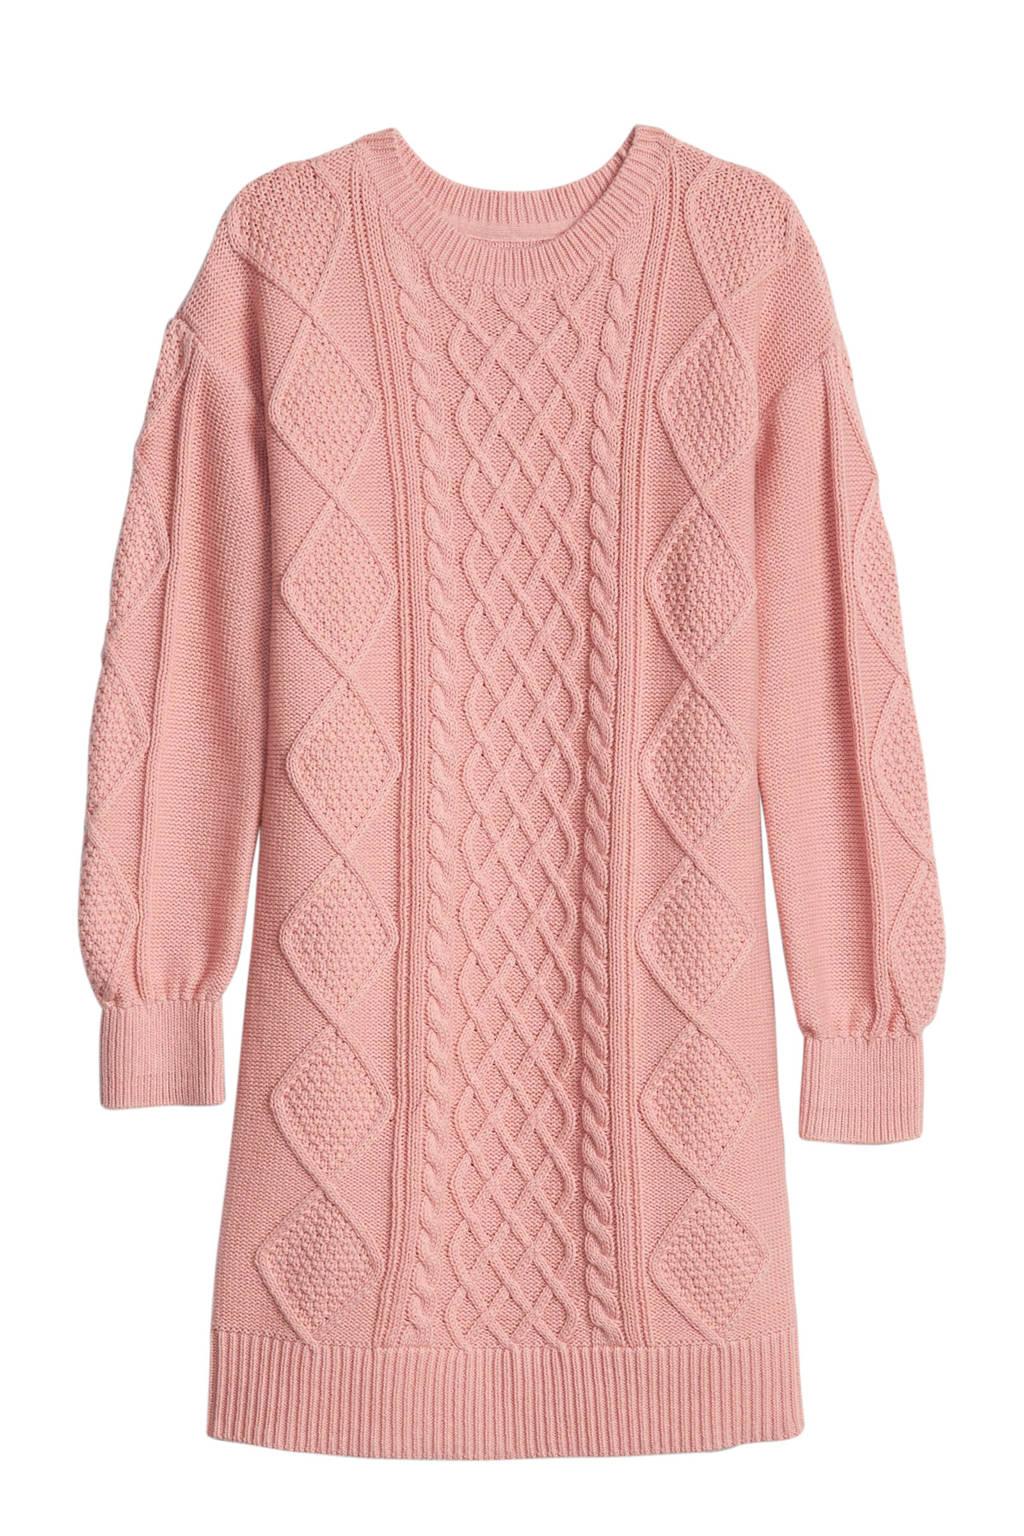 GAP gebreide jurk roze, Roze